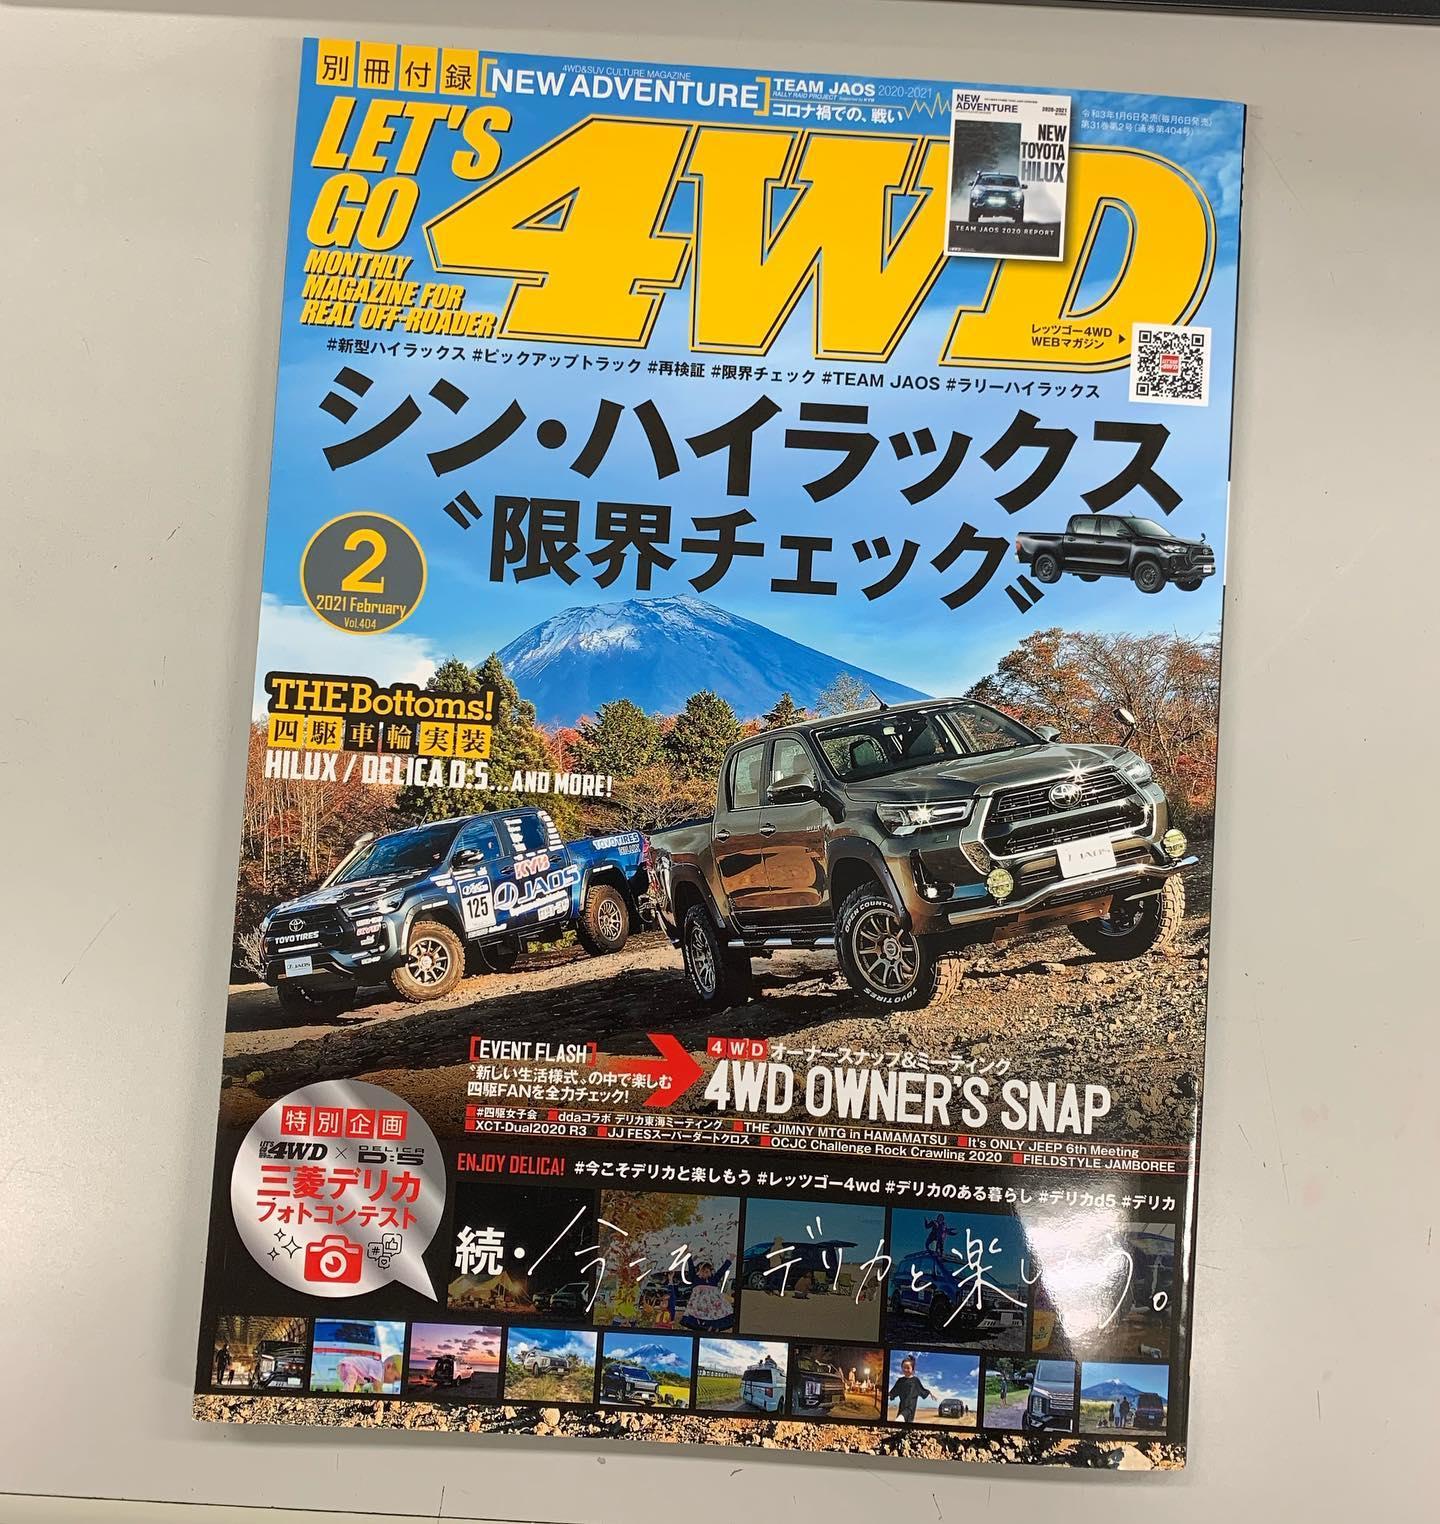 昨日発売のレッツゴー4WD 2月号はハイラックス特集号ですが、巻末でエルフォードデモカー150プラドの取材記事を掲載してもらってます! 人気のオフ系カスタムで決めた中期・後期プラドを細かく比較検証。 お近くの書店で購入お願いします♬︎♡#Elford #landcrulser #toyota #lexus #prado #lx #lx570 #gx #lc #lc200 #suv #4wd #エルフォード #ランクル #トヨタ #プラド150 #ソニックアート #ブラッドストックsl #軽量 #レッツゴー4wd